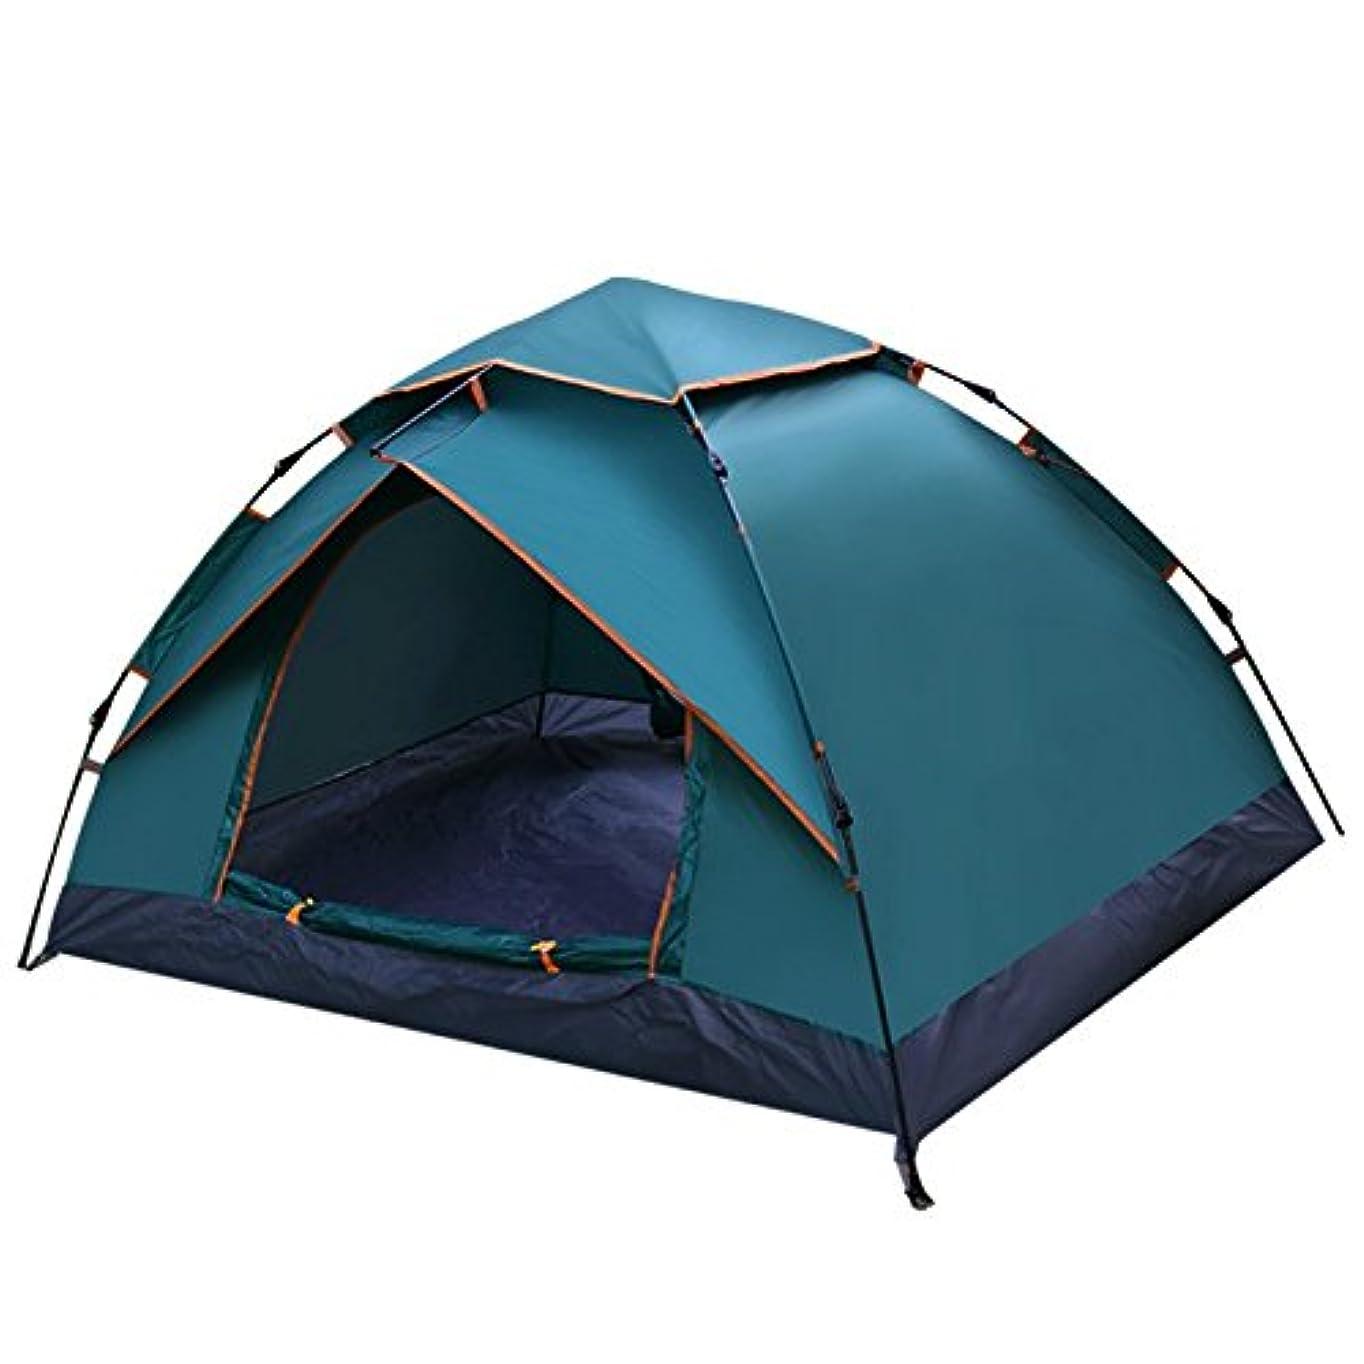 満足させる騒乱人に関する限りWppolika 2-3人屋外自動キャンプテント防水、防雨、抗UV、キャンプ用品、広いスペース、インストールが簡単、強力な換気、ビーチテント (Color : 1)